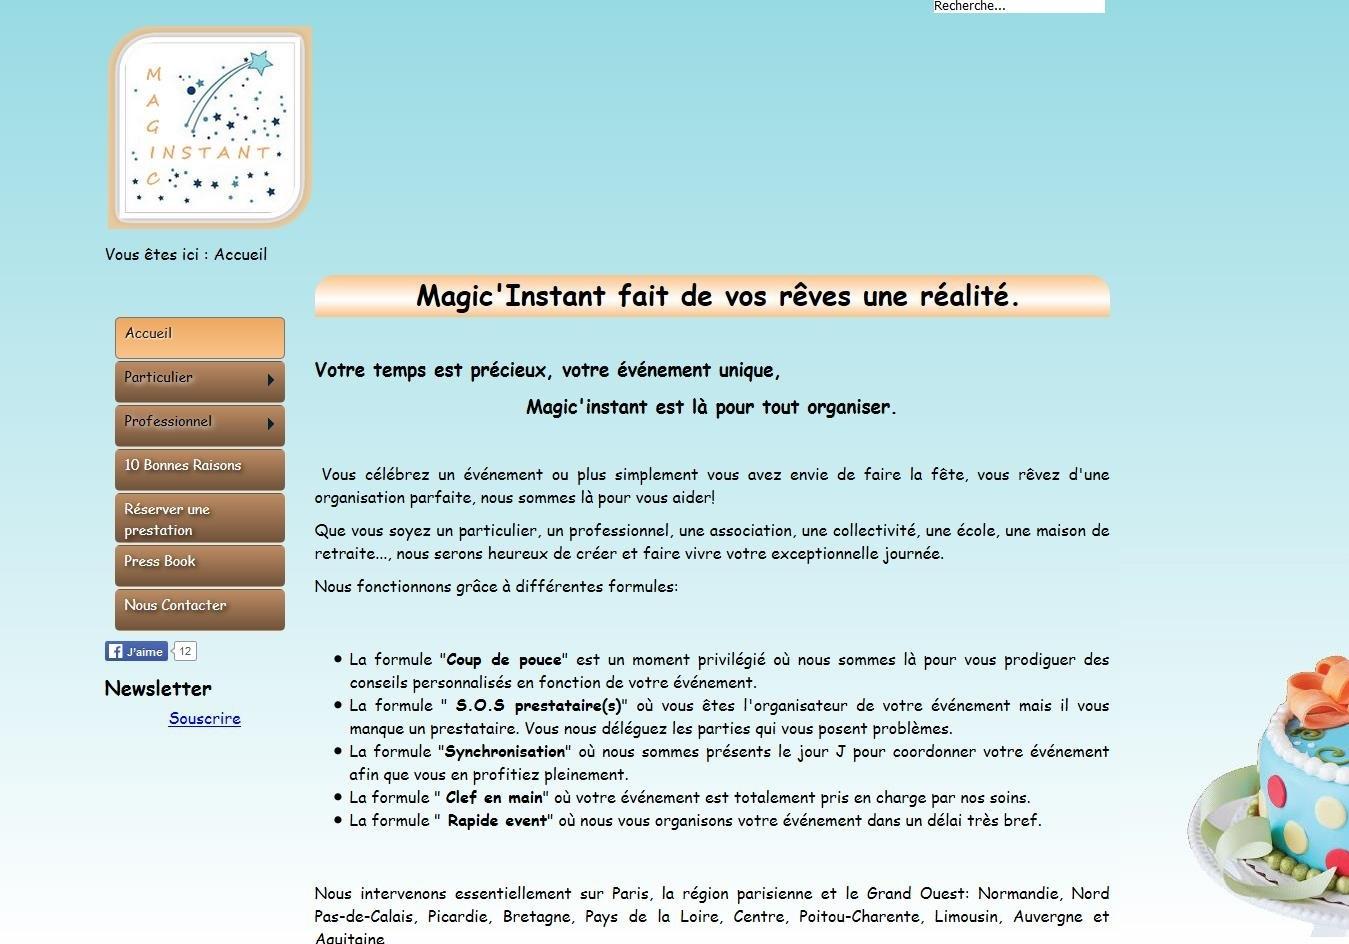 Magic' Instant